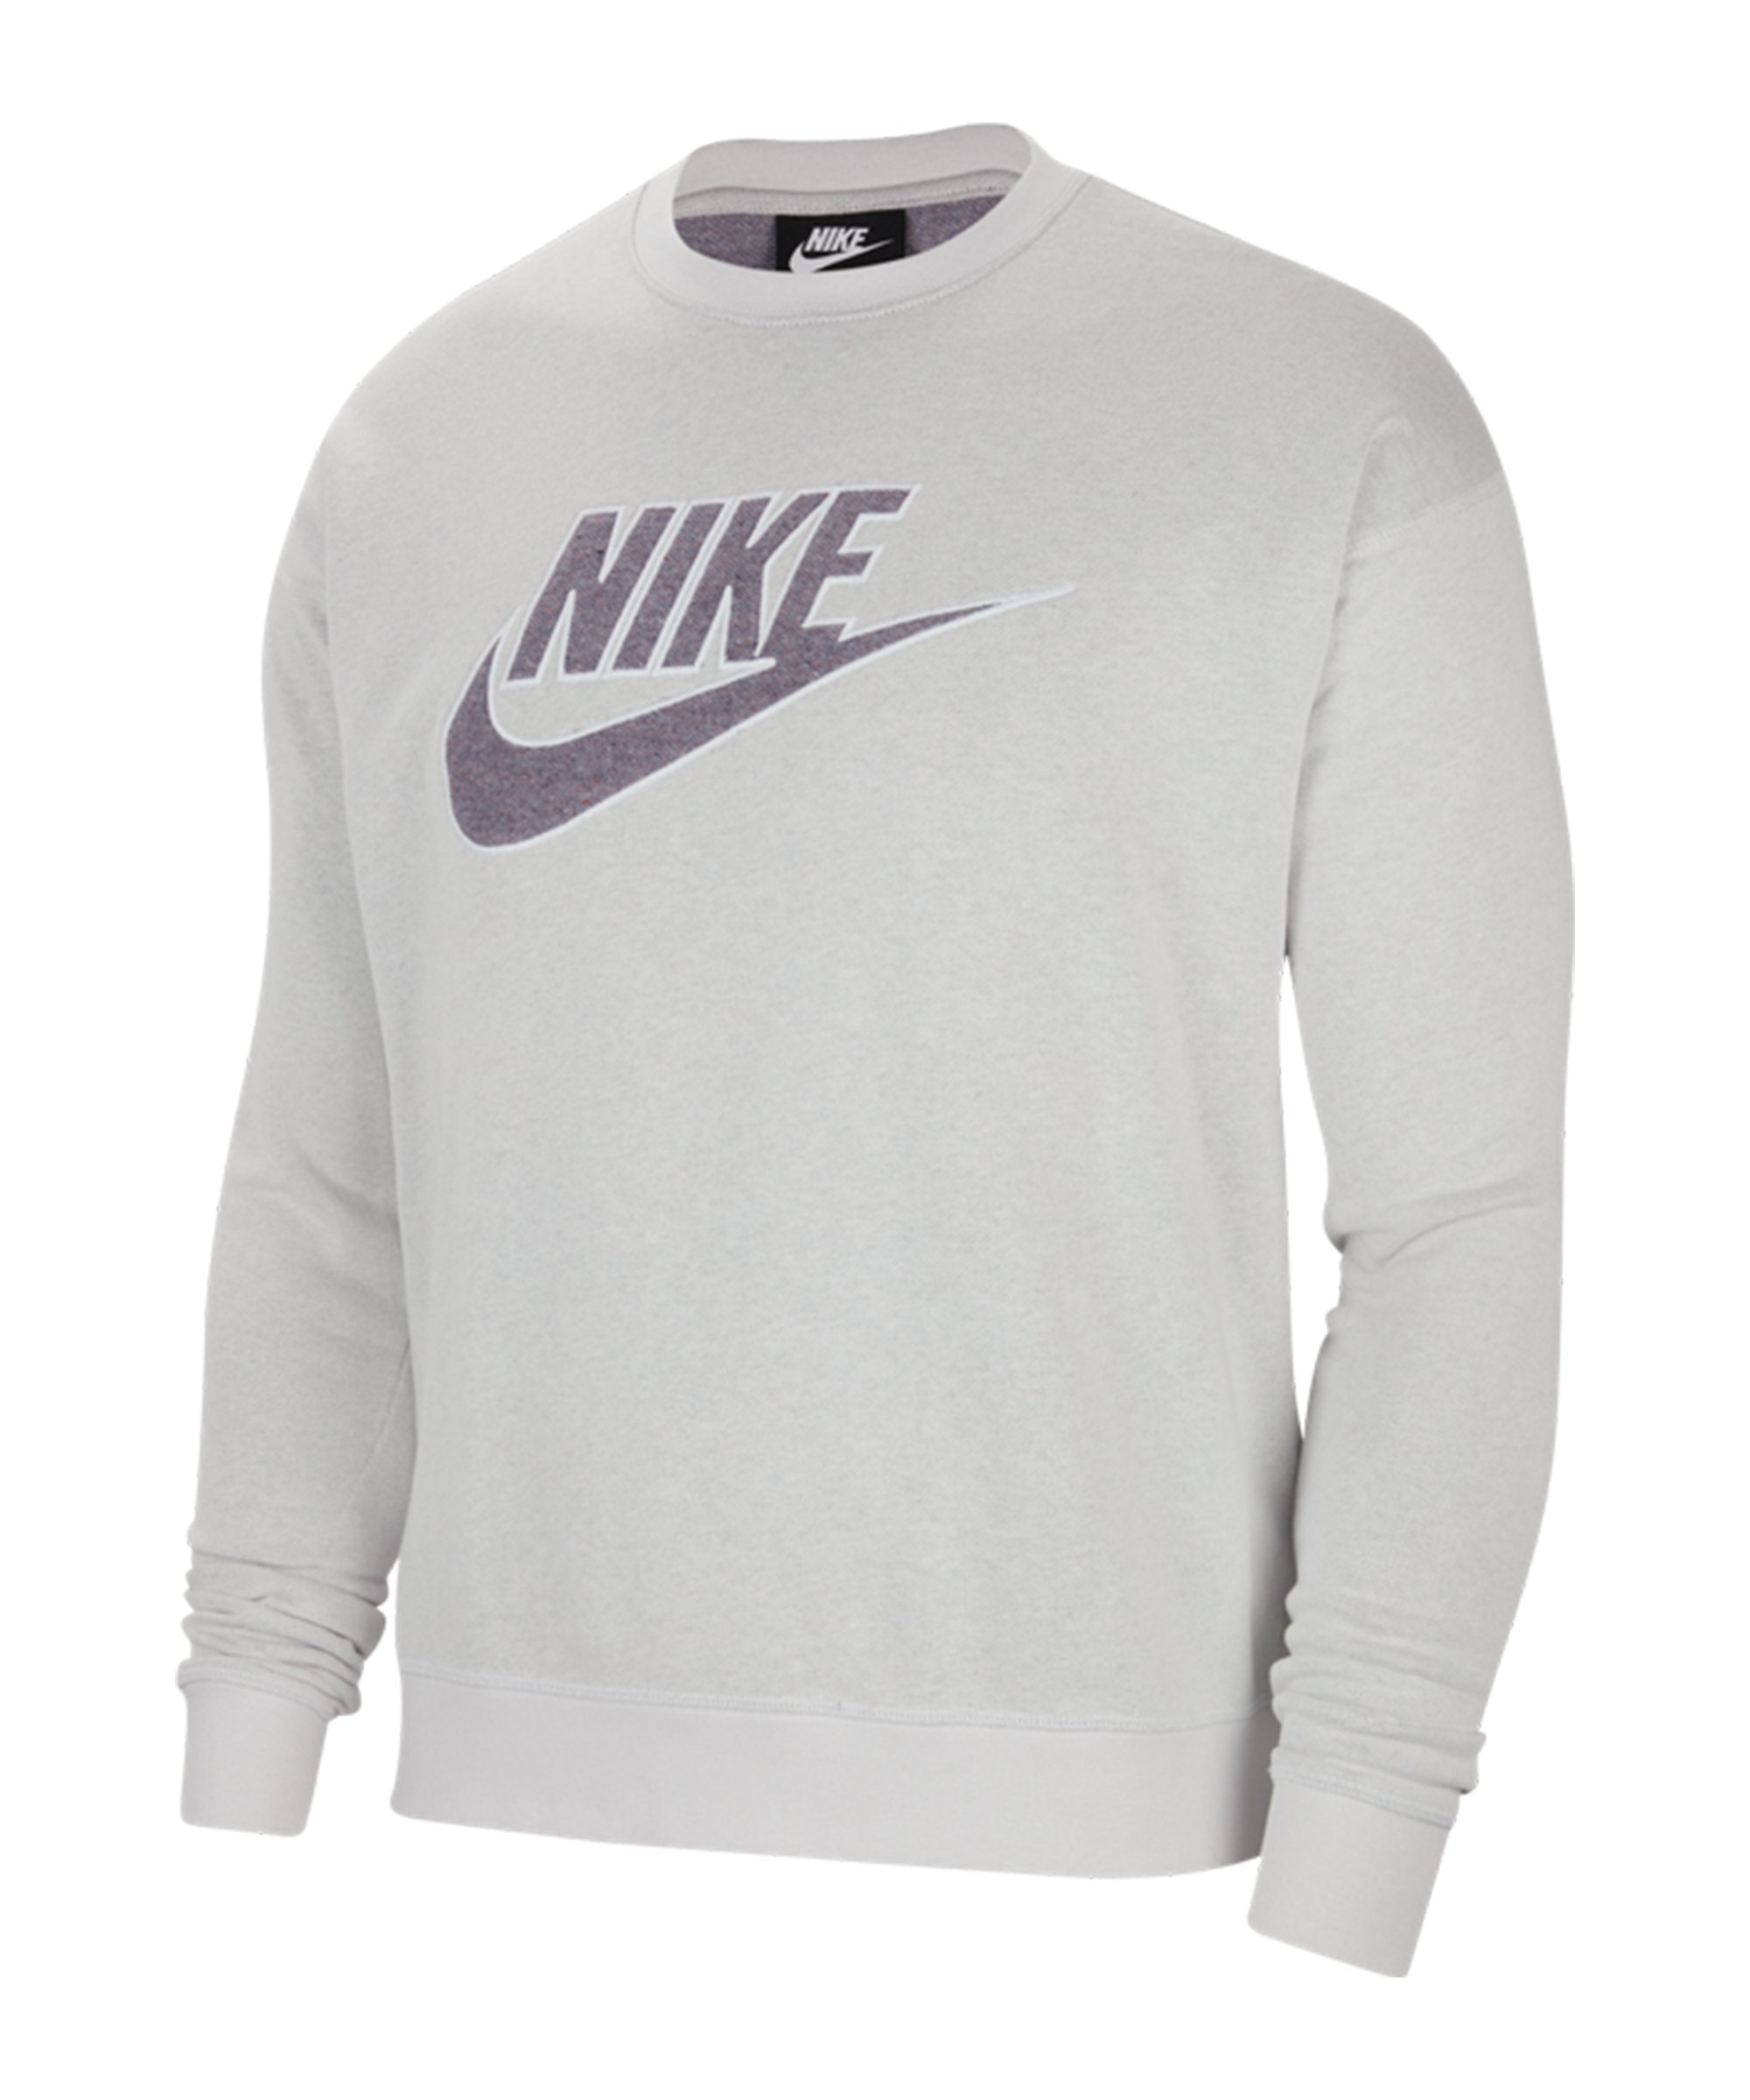 Nike Essentials Grid-Graphic Sweatshirt Grau F910 - grau